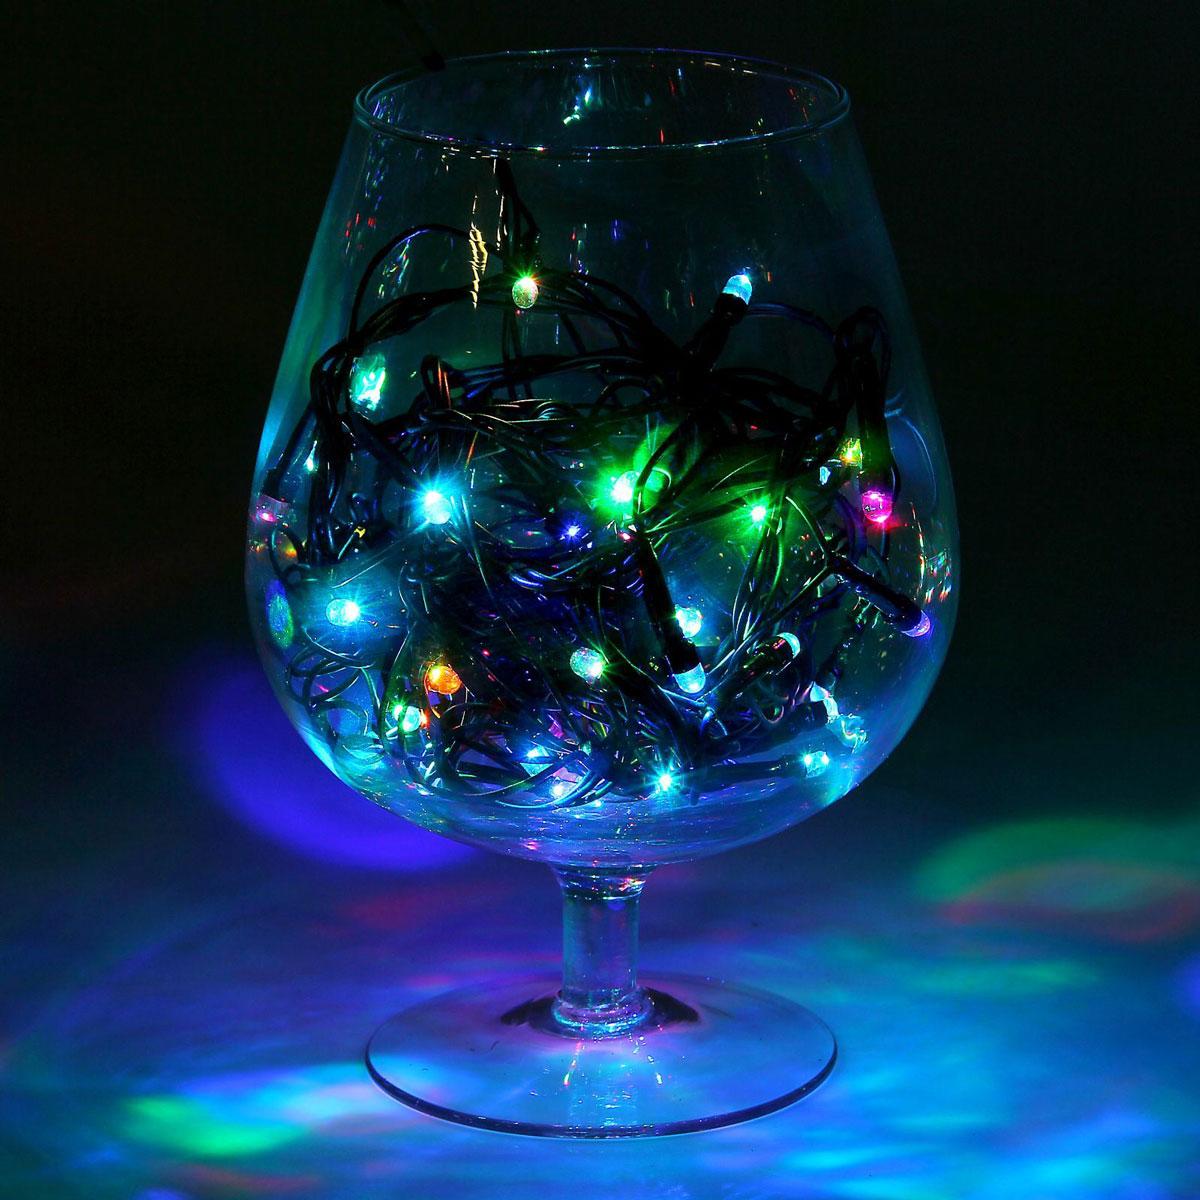 Гирлянда светодиодная Luazon Метраж, моргает, 50 ламп, 220 V, 5,2 м, цвет: мультиколор. 1080348 гирлянда luazon метраж 5 2m led 50 220v multicolor rgb 1080348